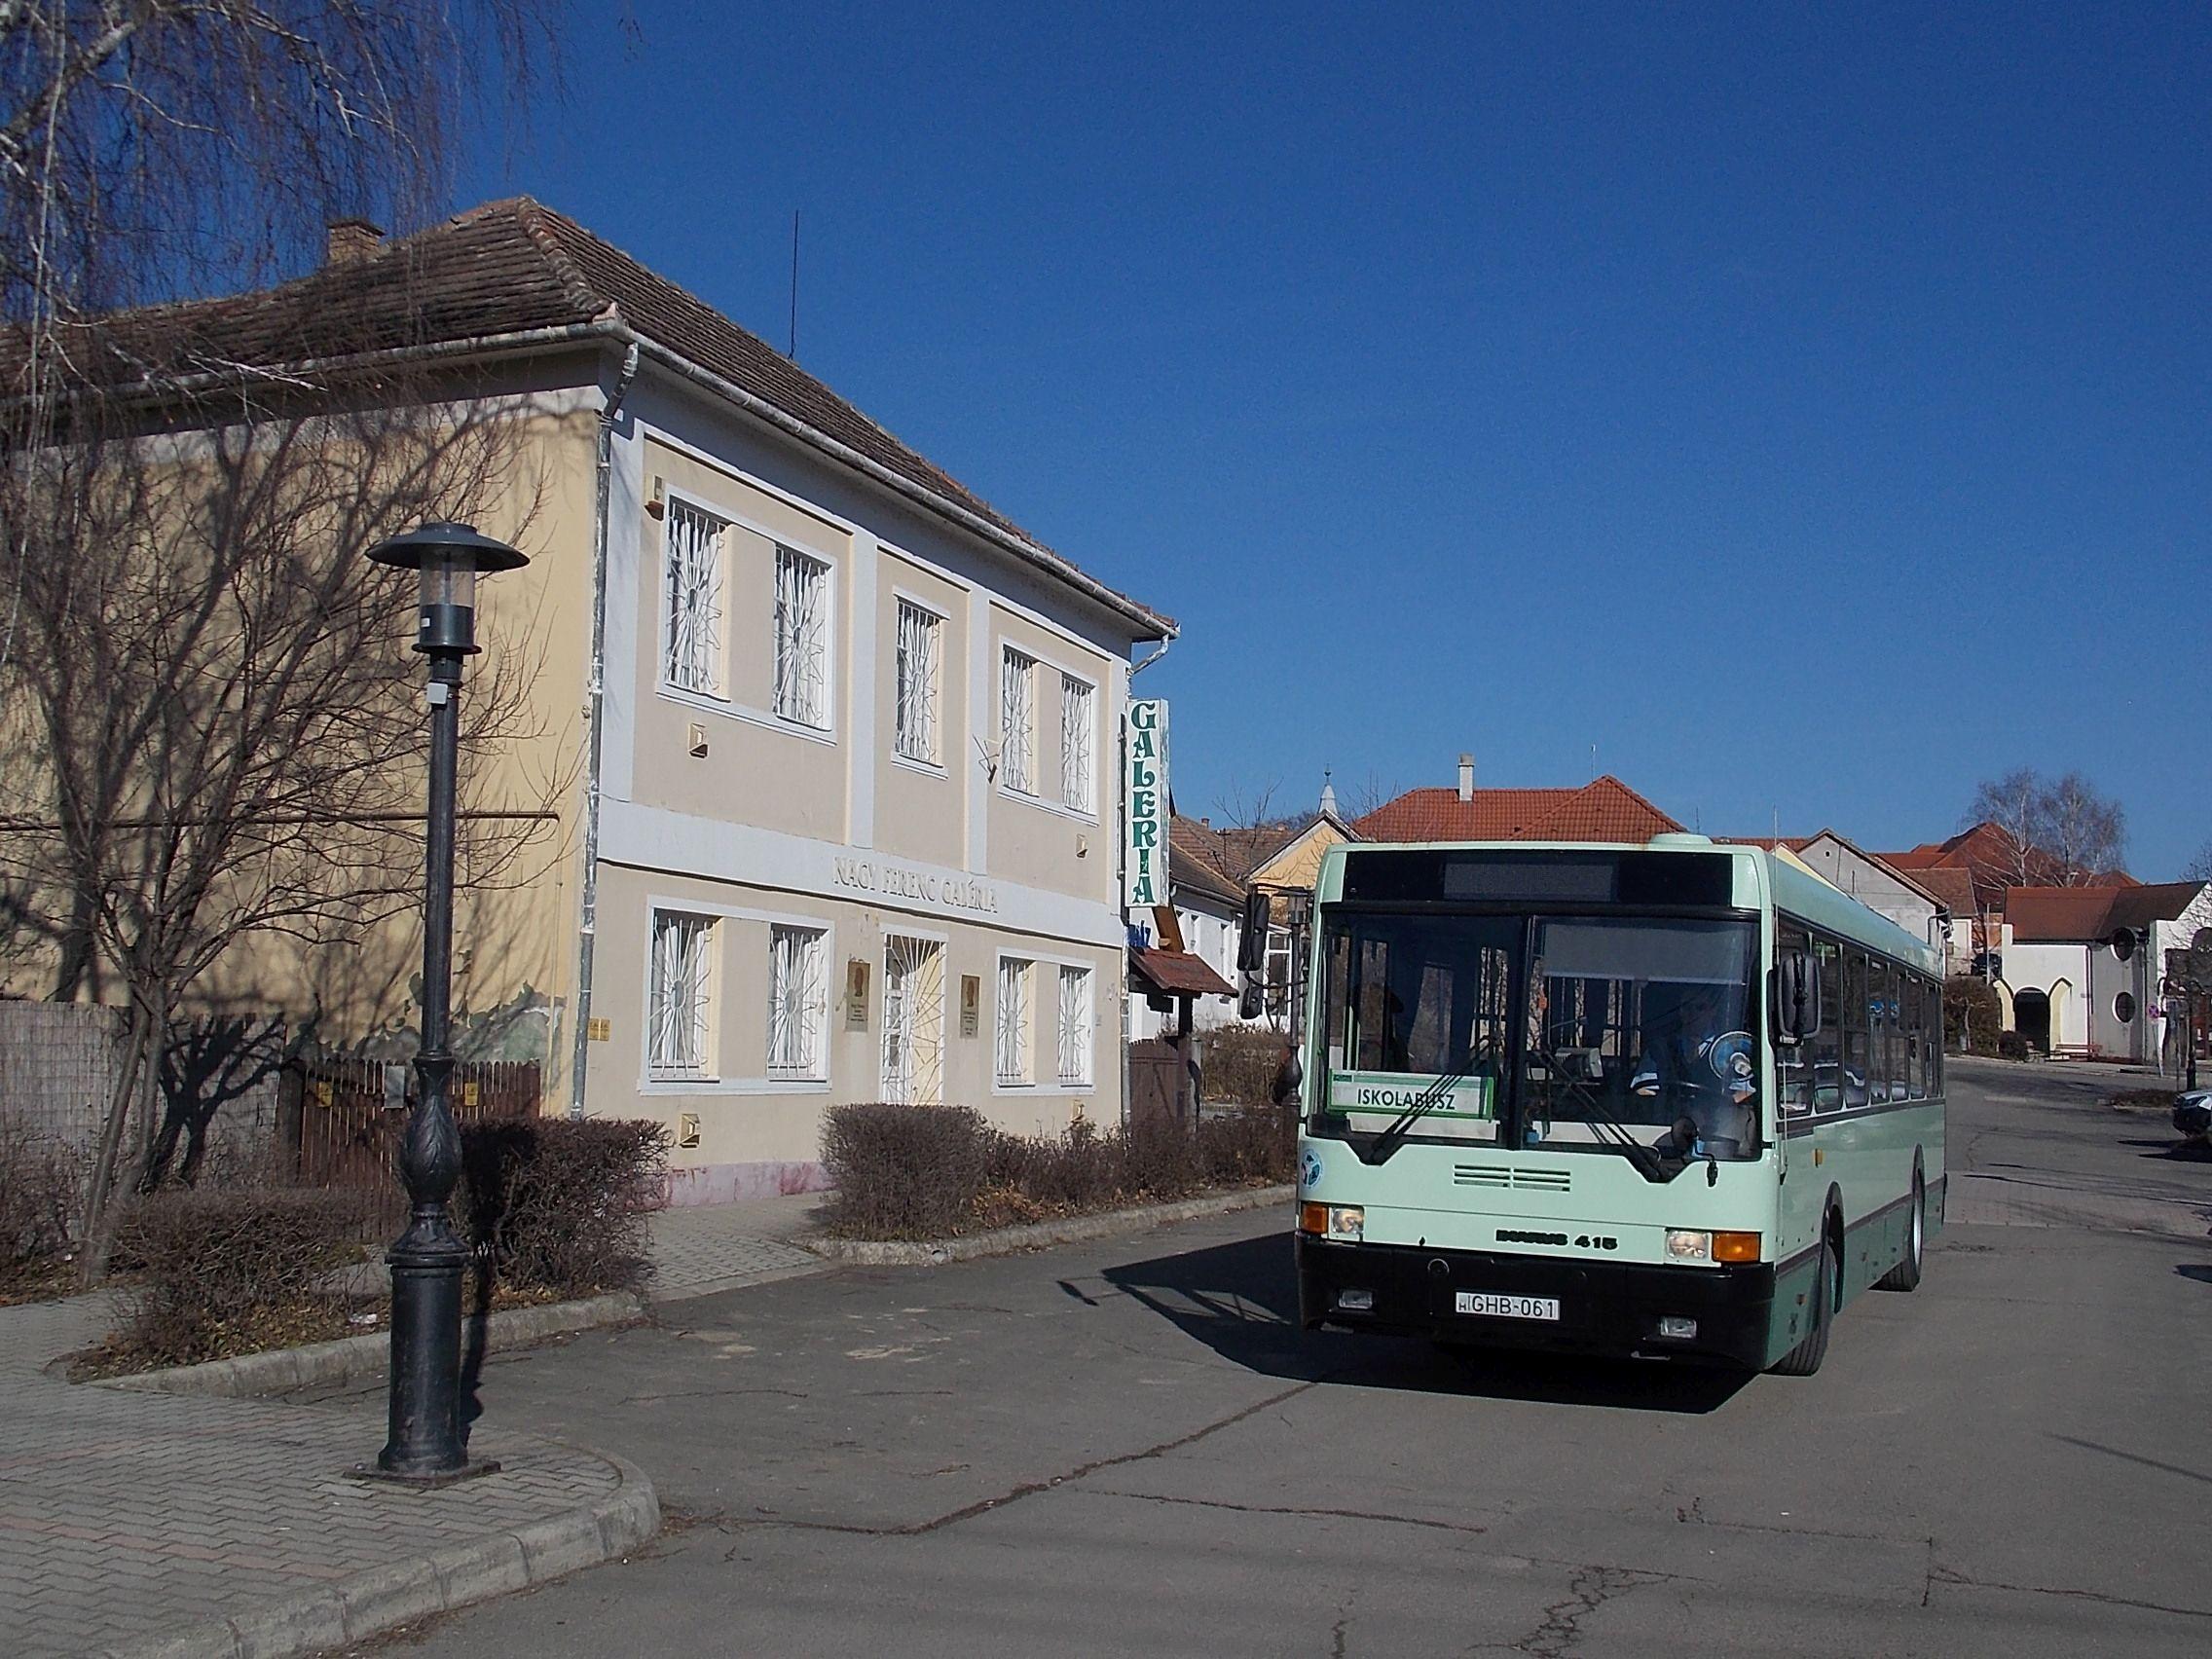 Tab, Nagy Ferenc galéria. Itt volt régen a buszállomás.